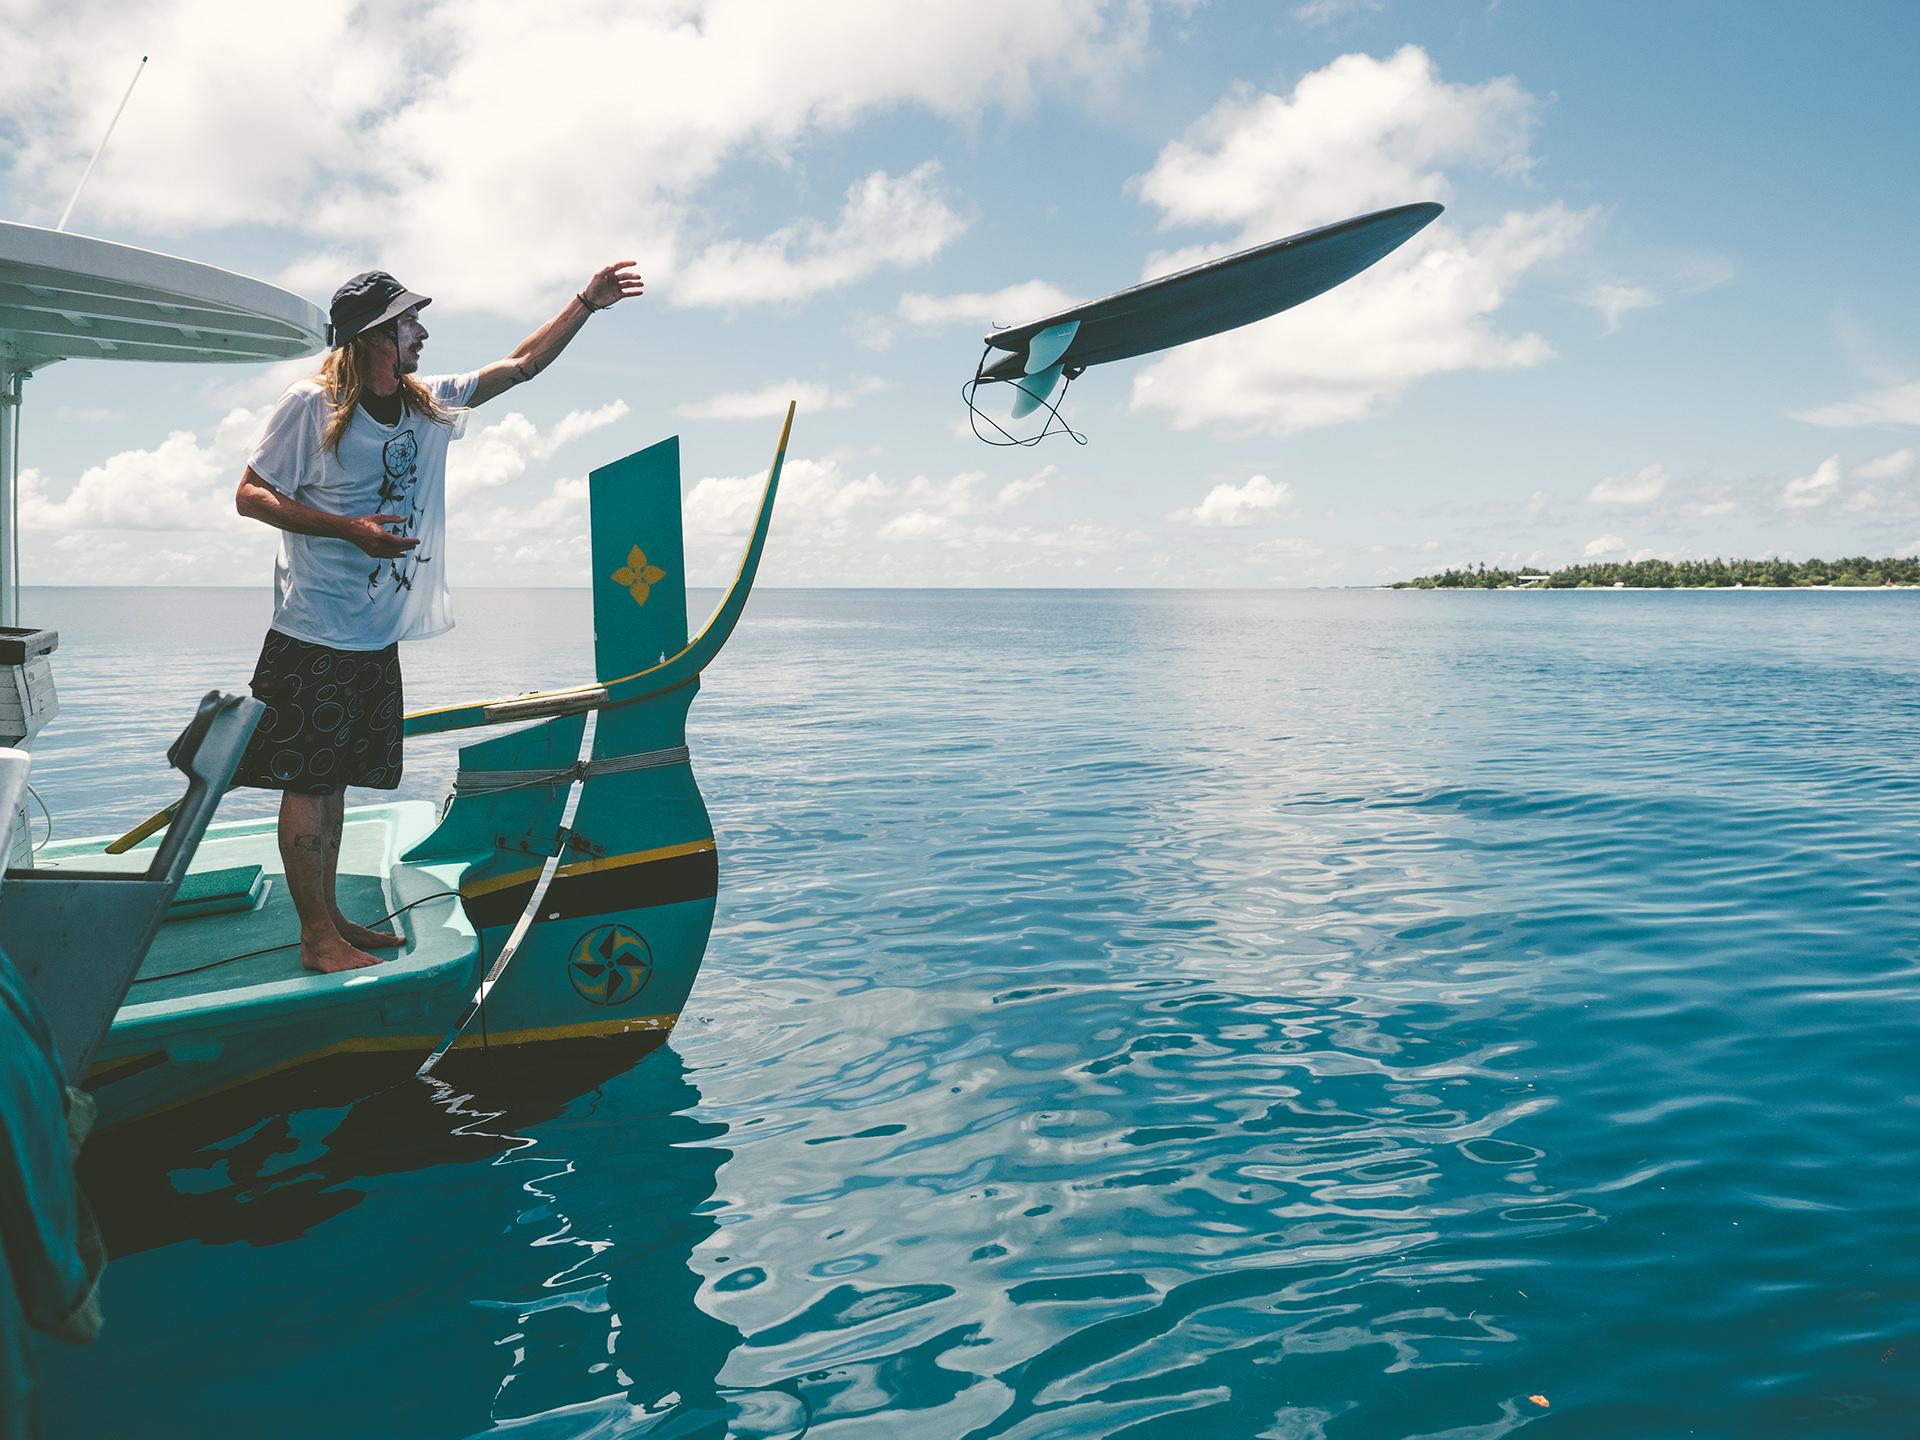 surfboard-wurf-boot-surfen-style